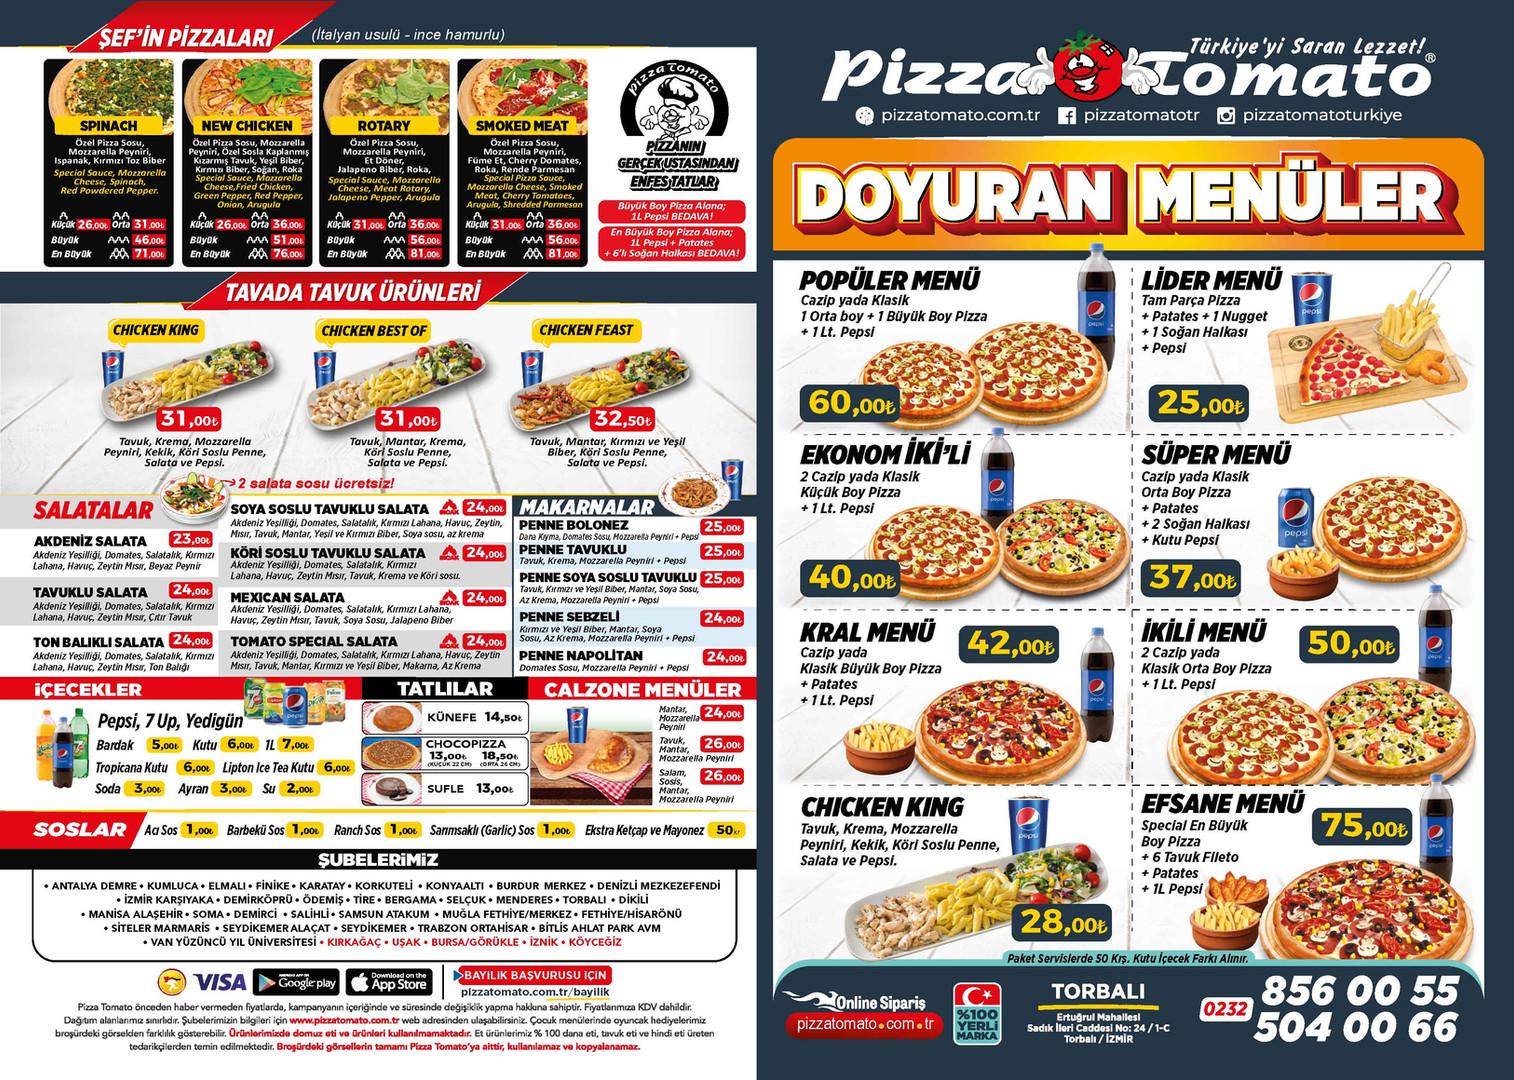 pizza-tomato-torbali-kampanya.jpg